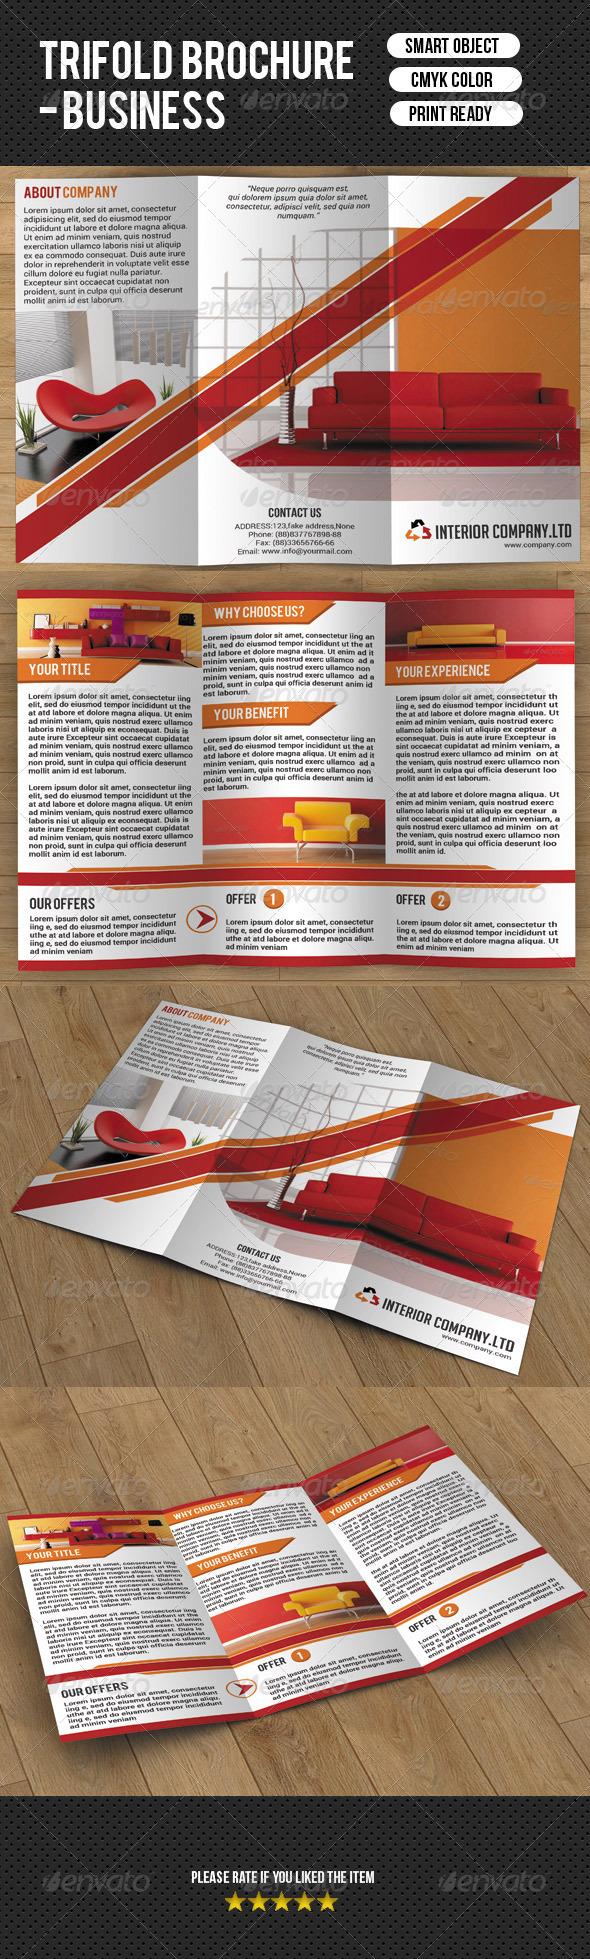 GraphicRiver Trifold Brochure-Interior Design 7638715